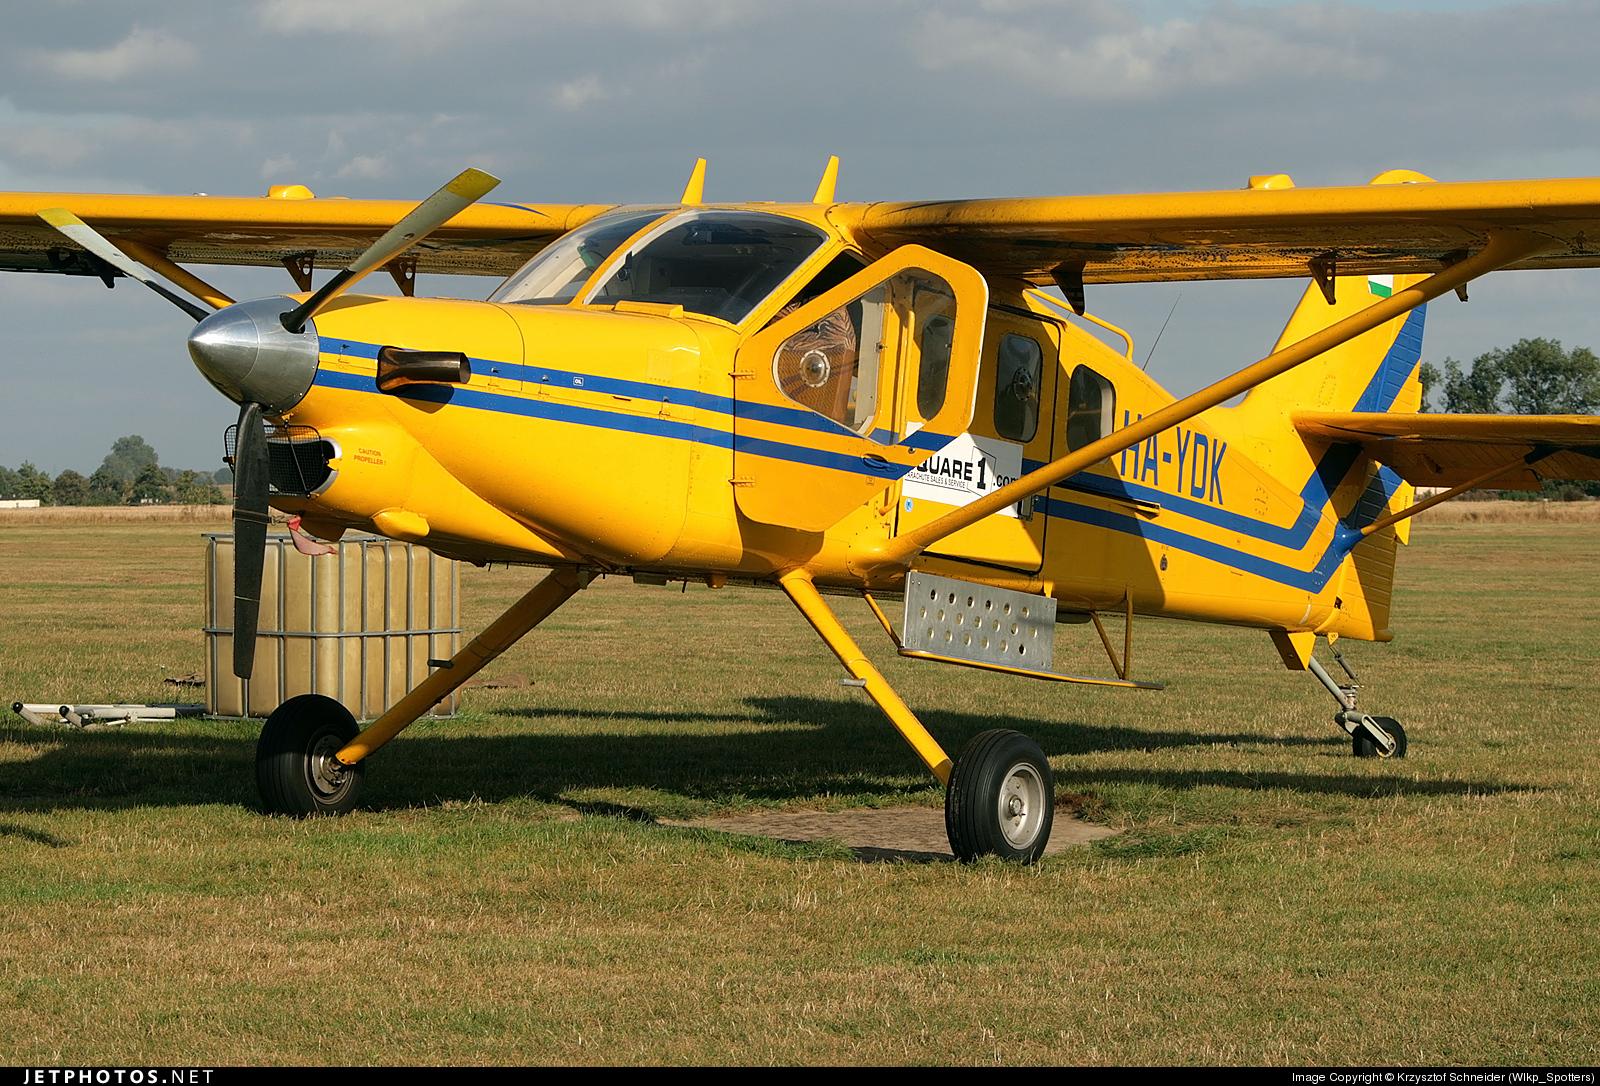 HA-YDK - Technoavia SMG-92 Turbo-Finist - Private